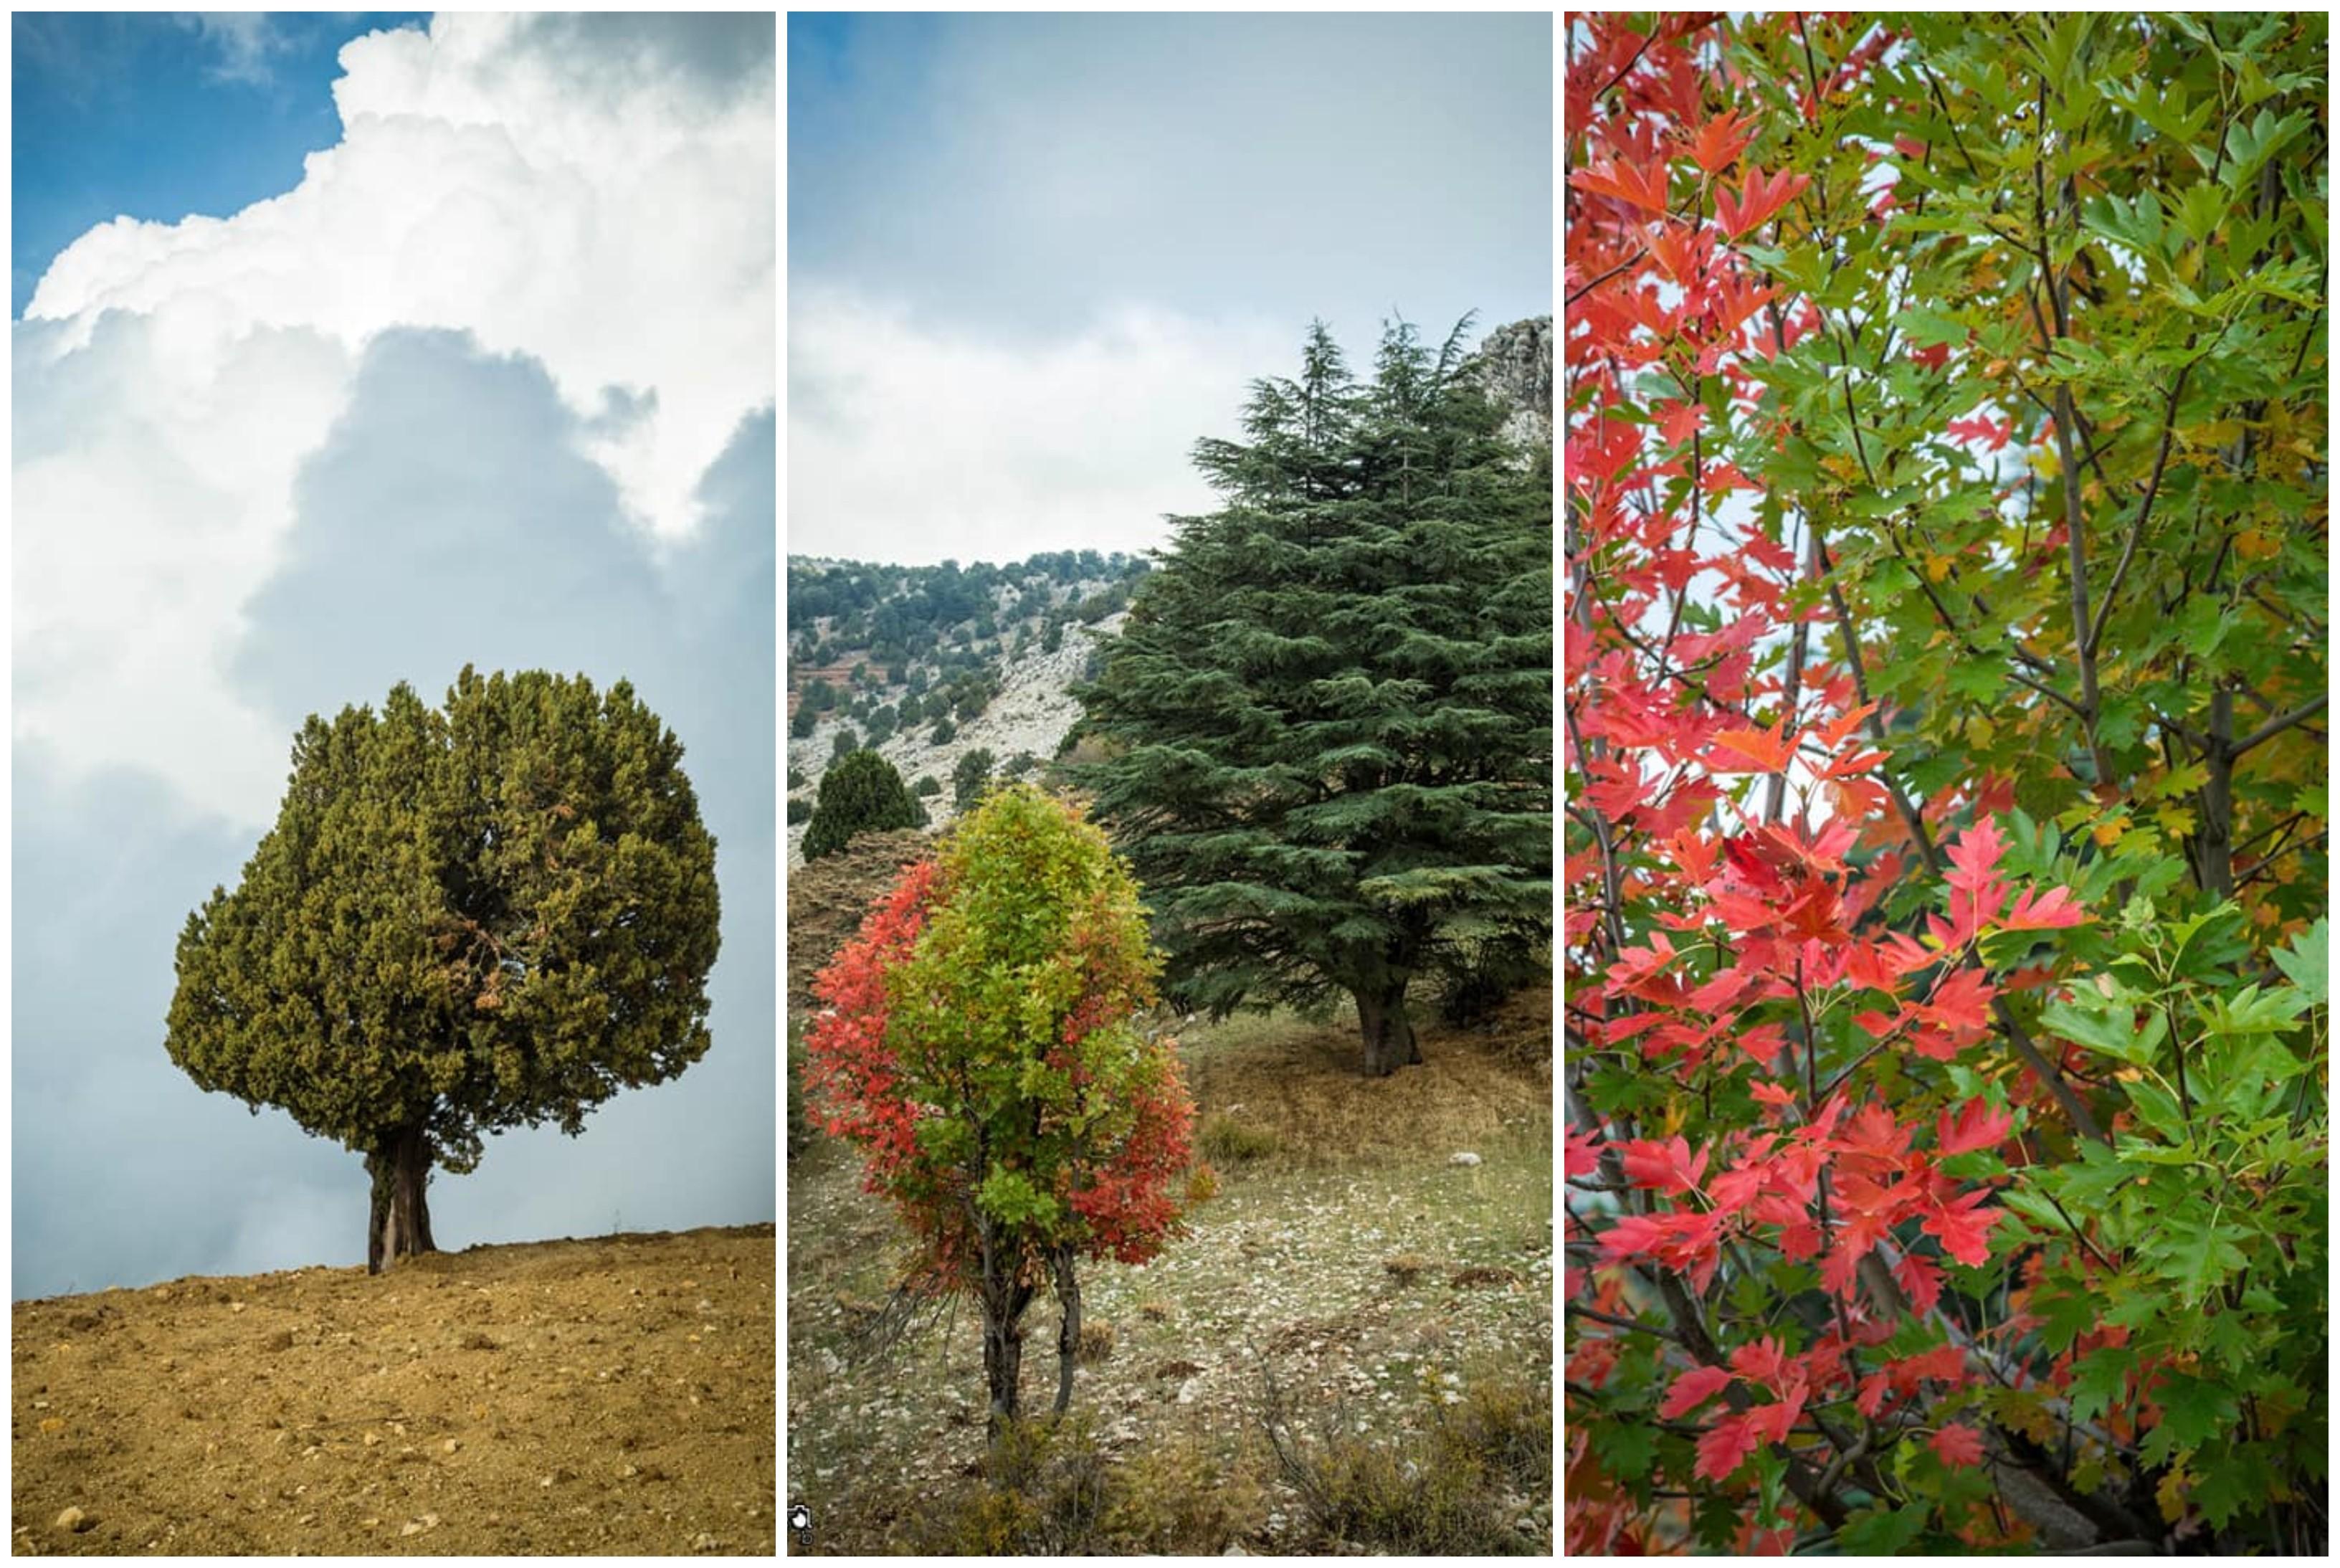 هكذا بدا الخريف من عكار...صور مذهلة تظهر سحر الطبيعة من غابات لبنان